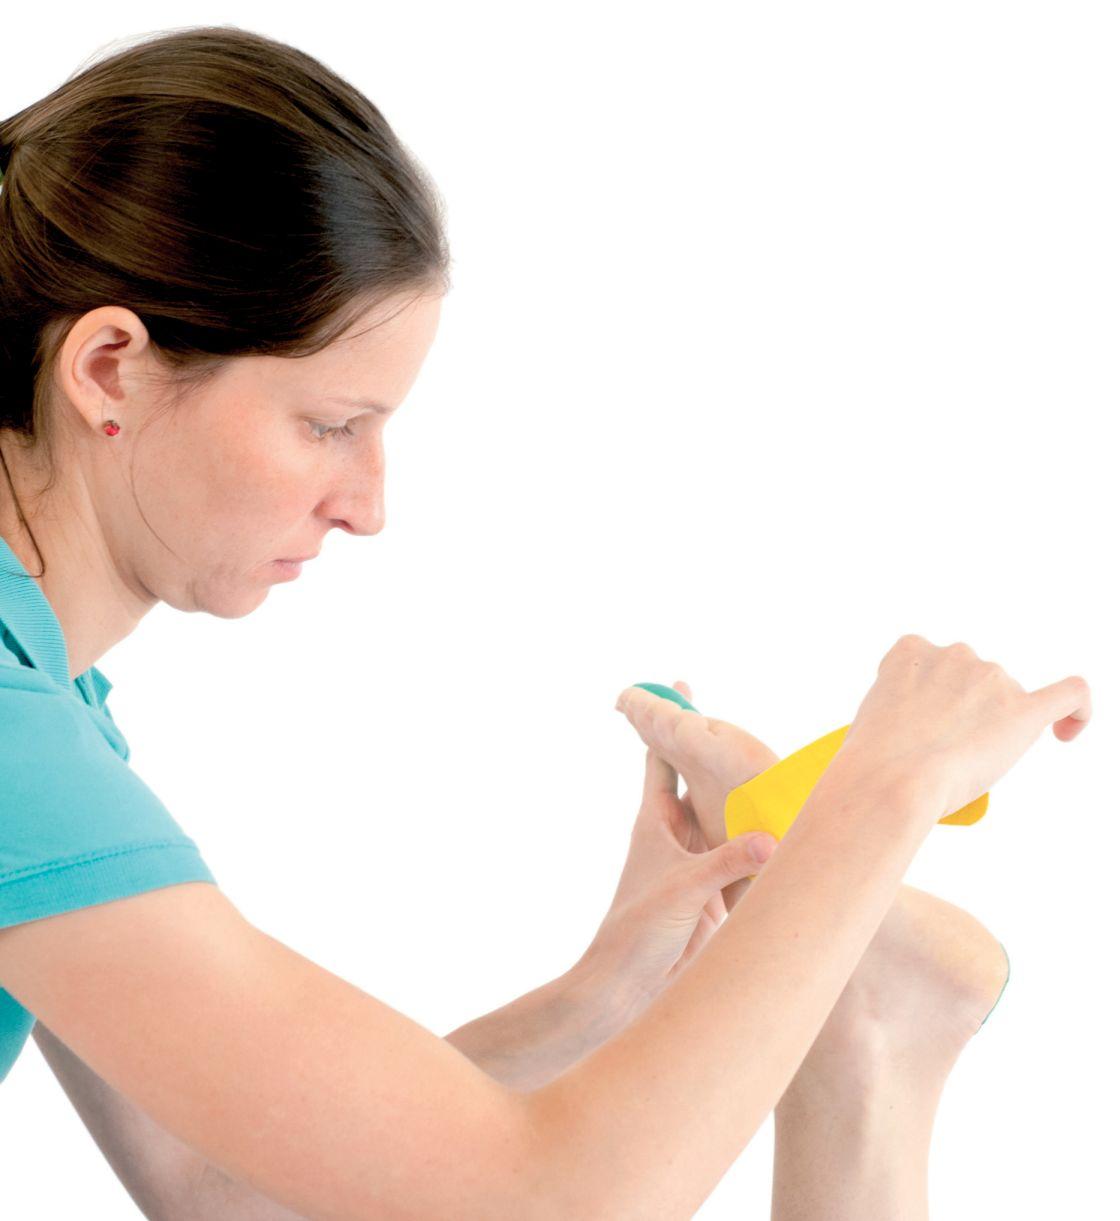 tejpování příčného plochonoží a vbočeného palce 8